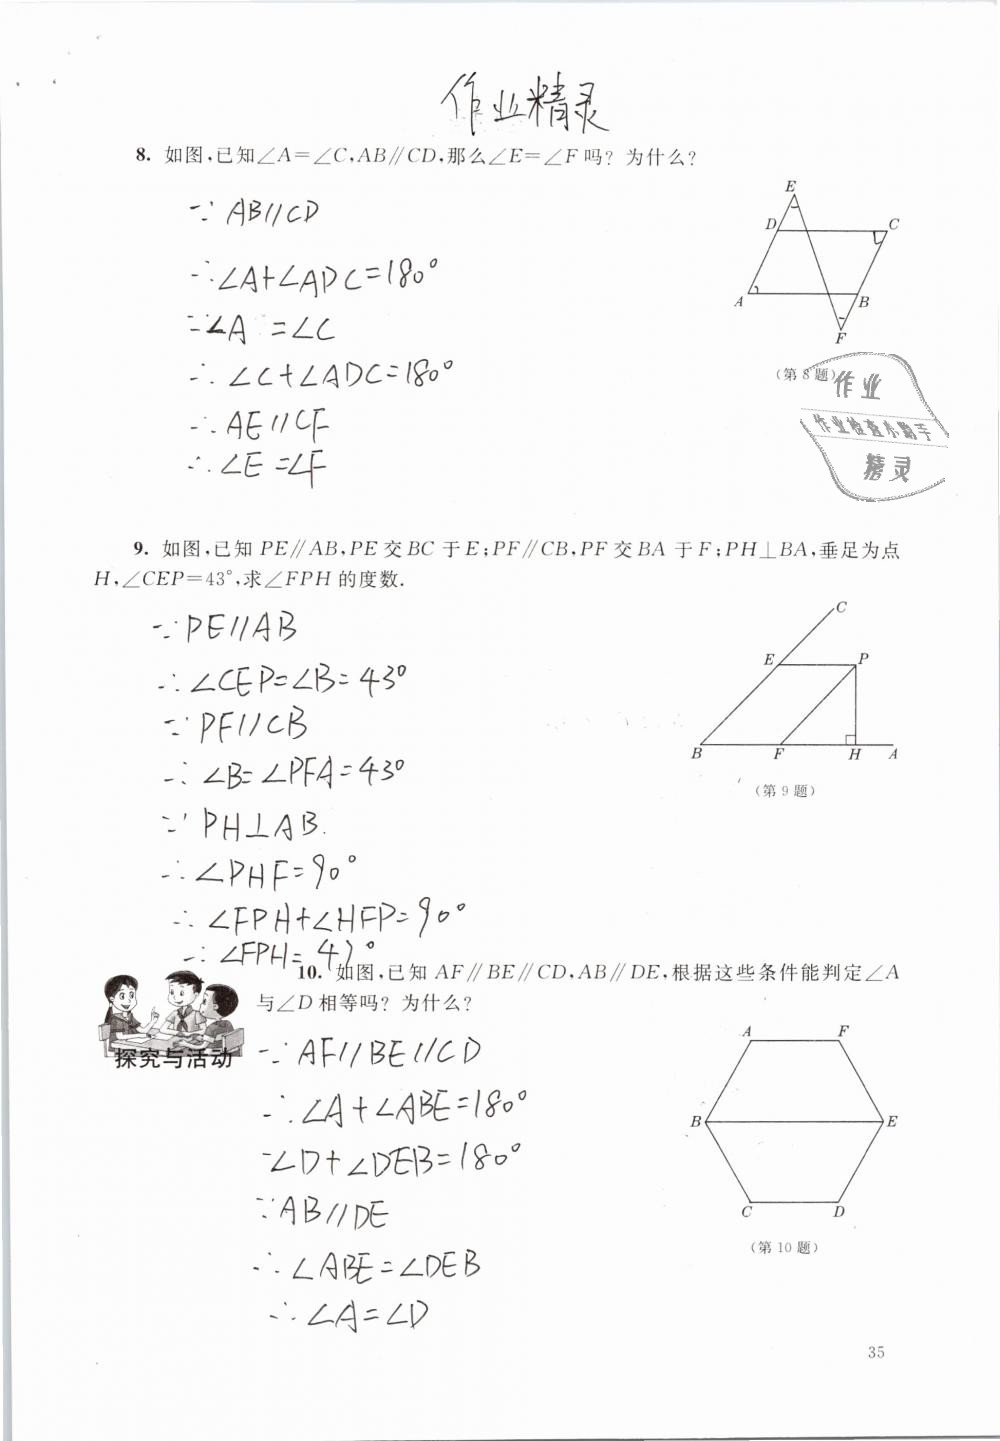 2019年数学练习部分七年级第二学期第35页